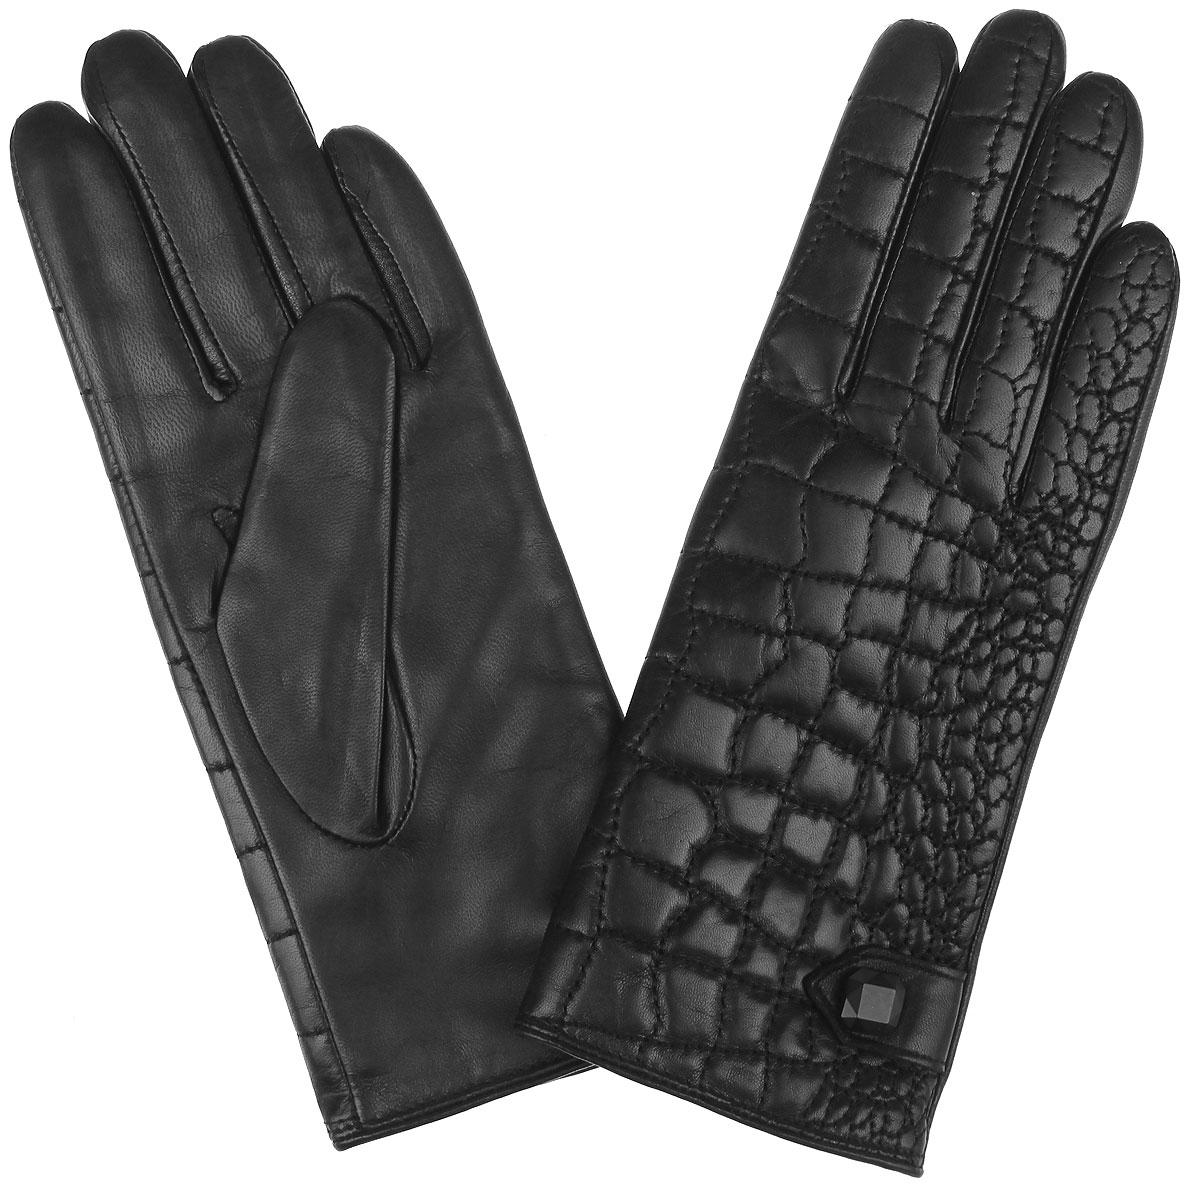 Перчатки женские. 9.829.82-1 blackПотрясающие женские перчатки Fabretti с подкладкой из шерсти и кашемира выполнены из мягкой и приятной на ощупь эфиопской перчаточной кожи. Лицевая сторона оформлена отстрочкой под кожу рептилии, а также хлястиком с оригинальной фурнитурой. Создайте эффектный образ и подчеркните свою яркую индивидуальность новым аксессуаром!